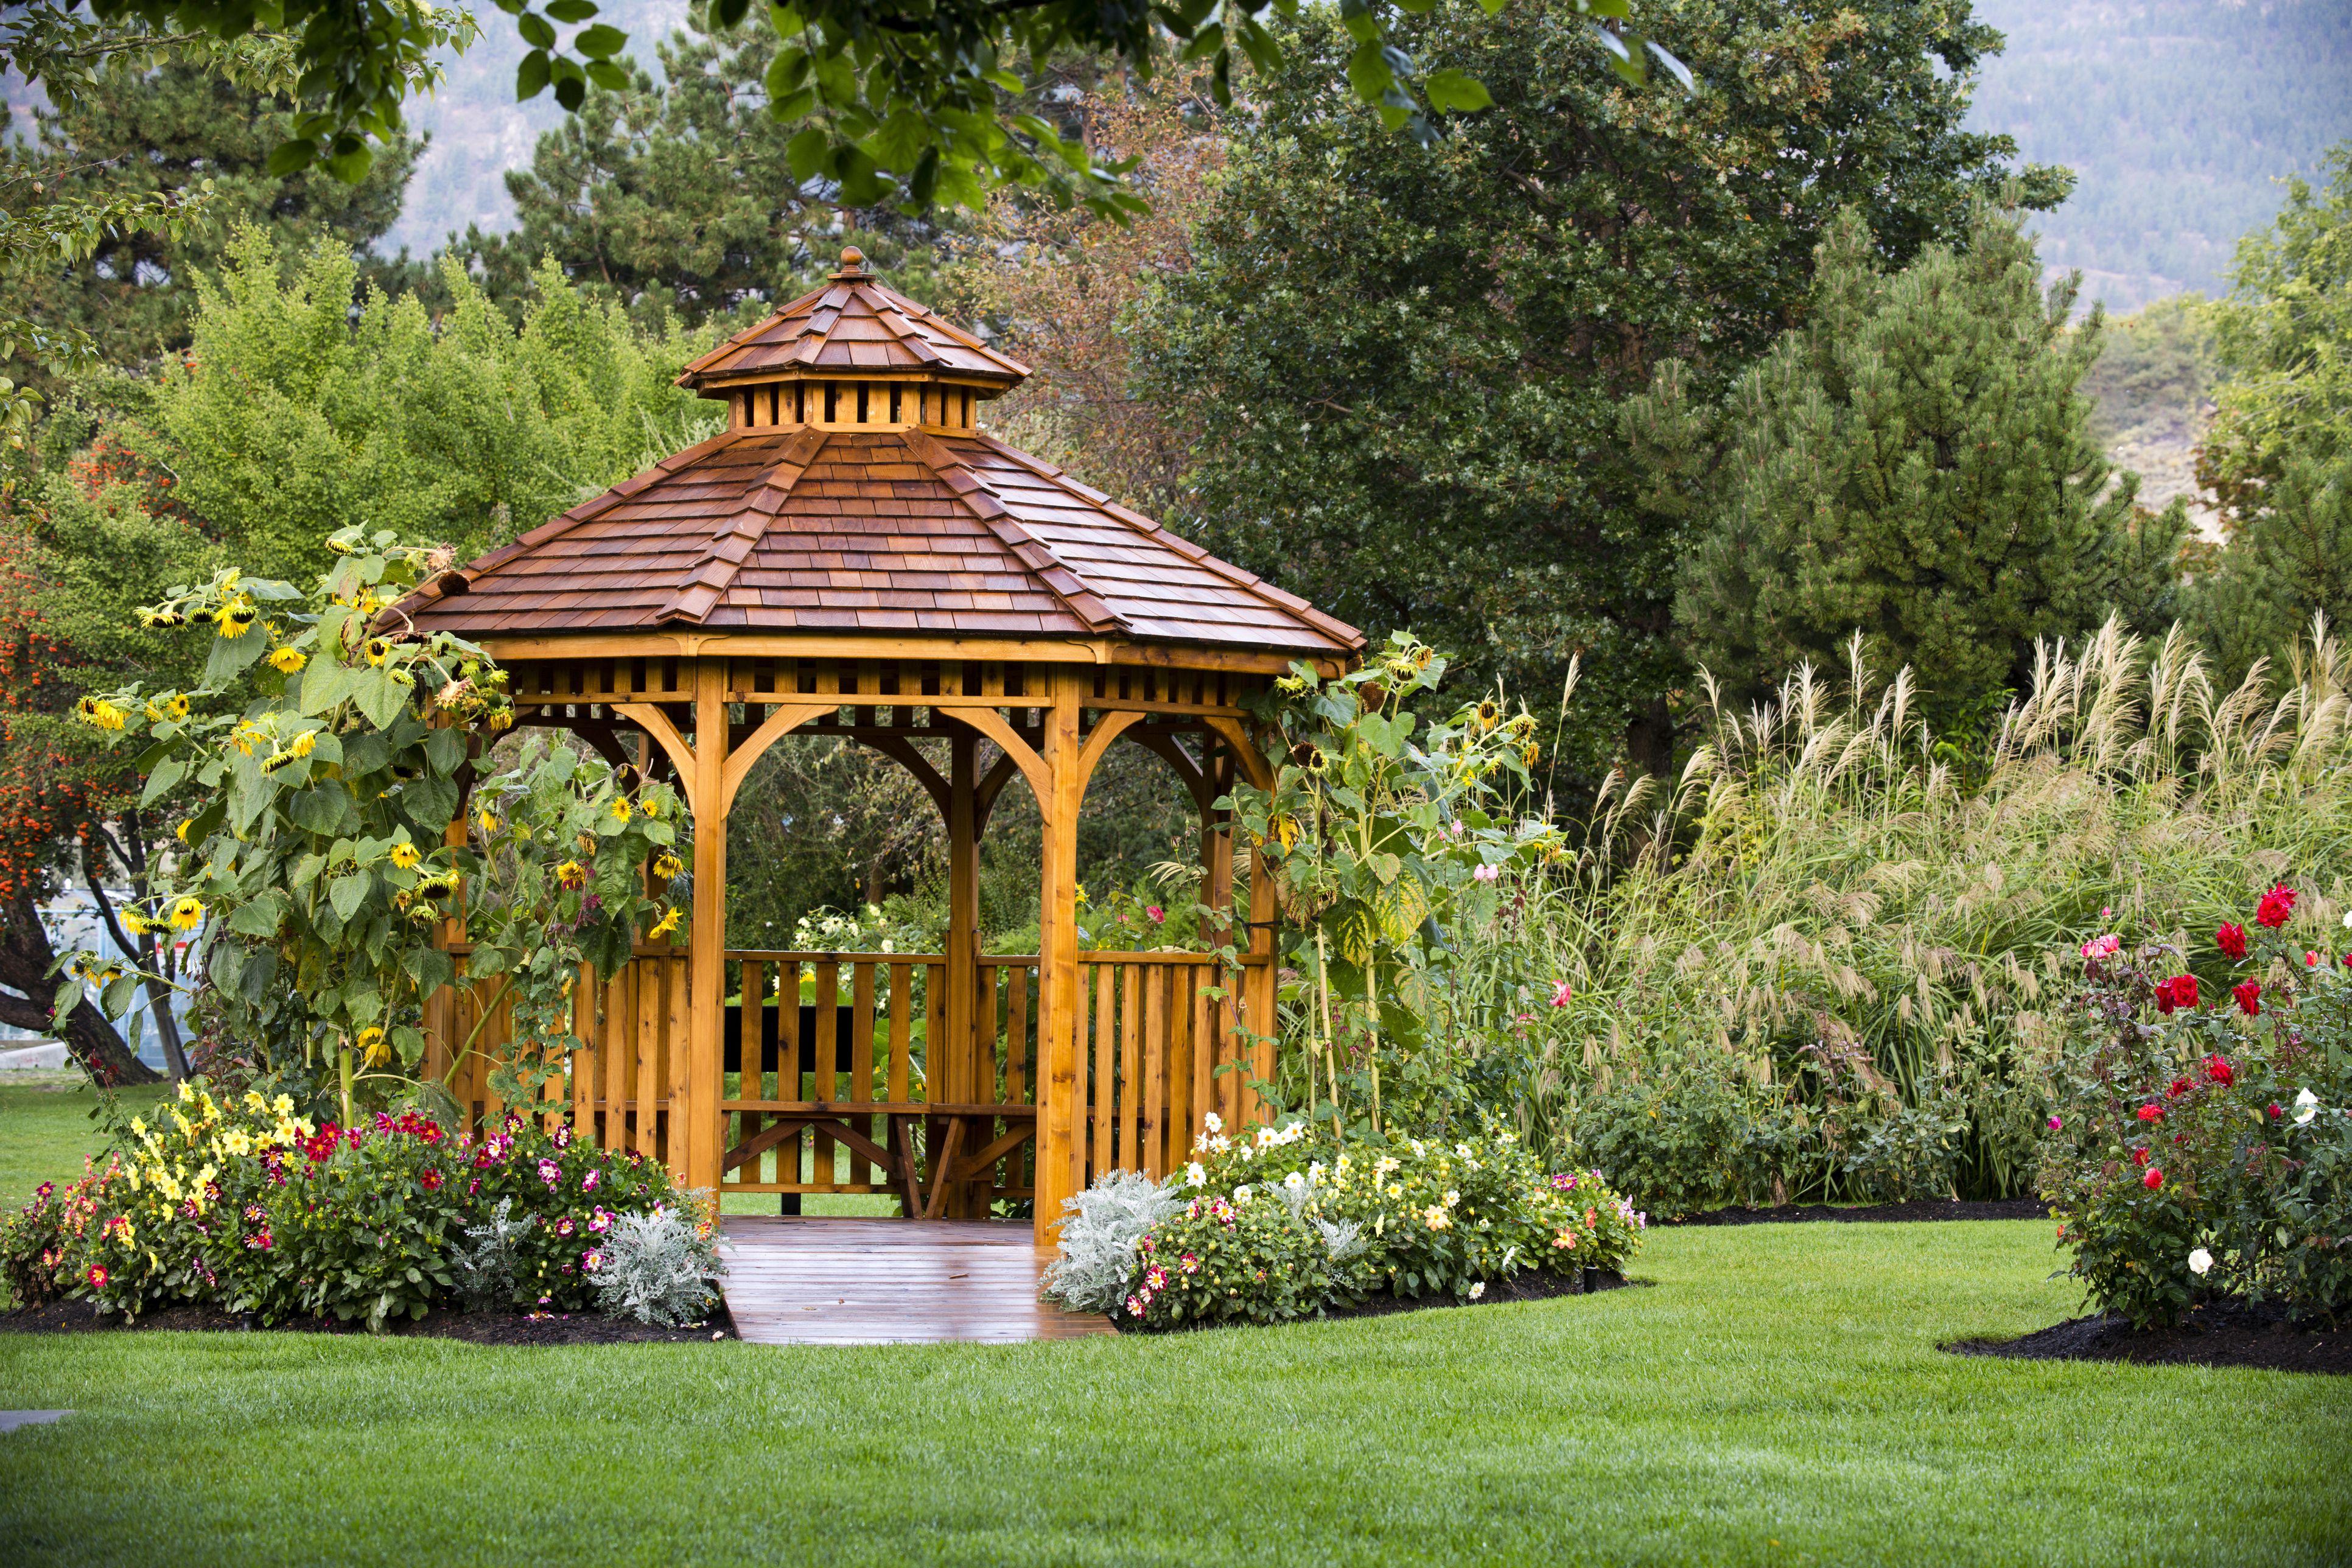 Cedar Gazebo Garden